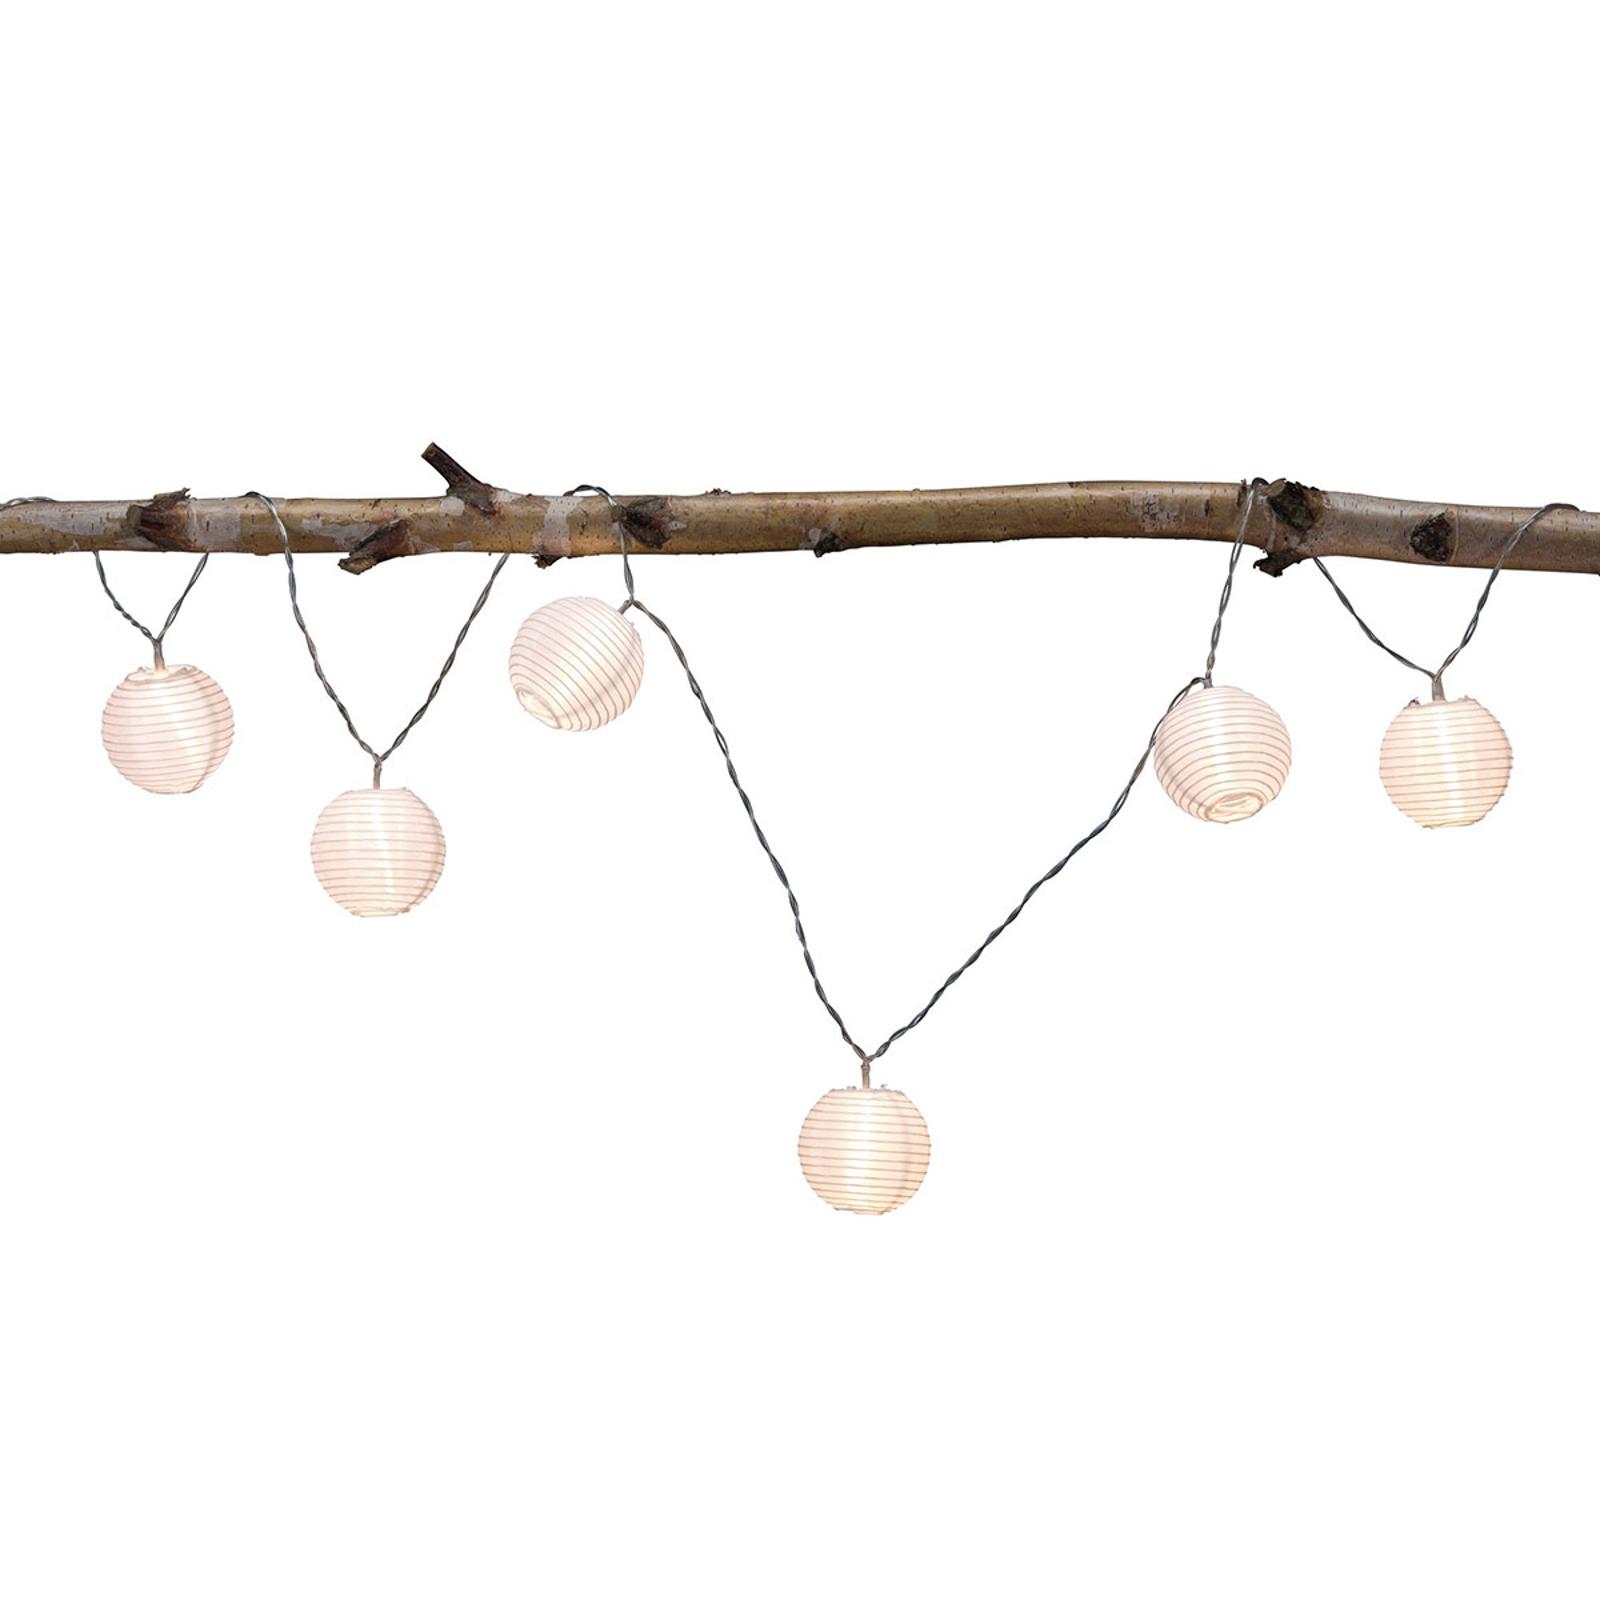 Paulmann mo Lampion lichtket 7 lampjes wit